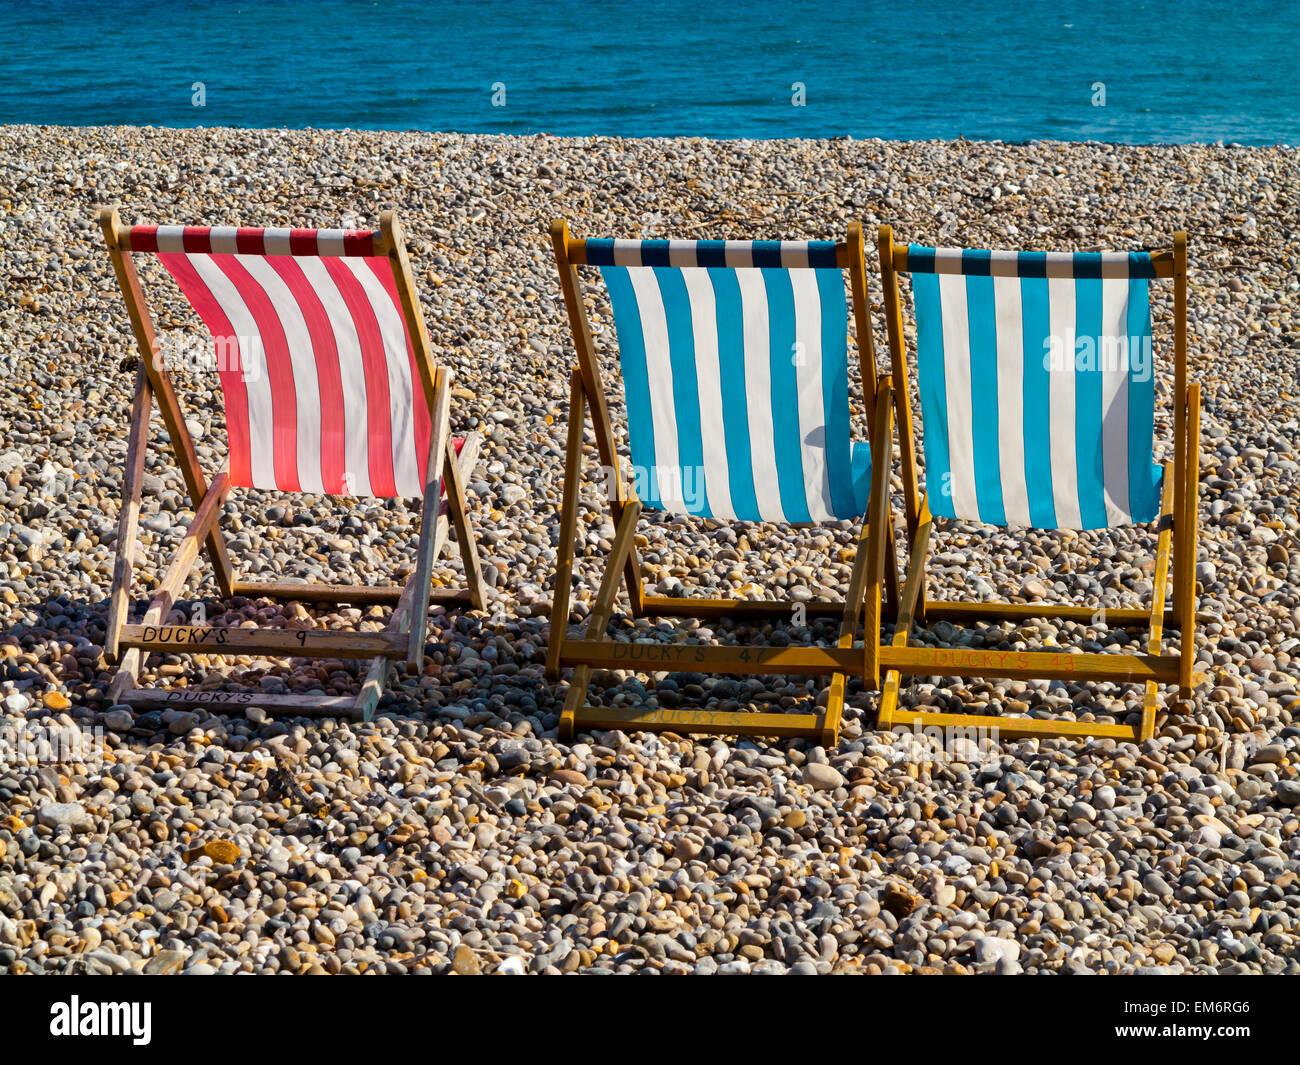 Sdraio In Legno E Tela.Tradizionali Di Tela A Strisce E Sdraio In Legno Su Una Spiaggia Di